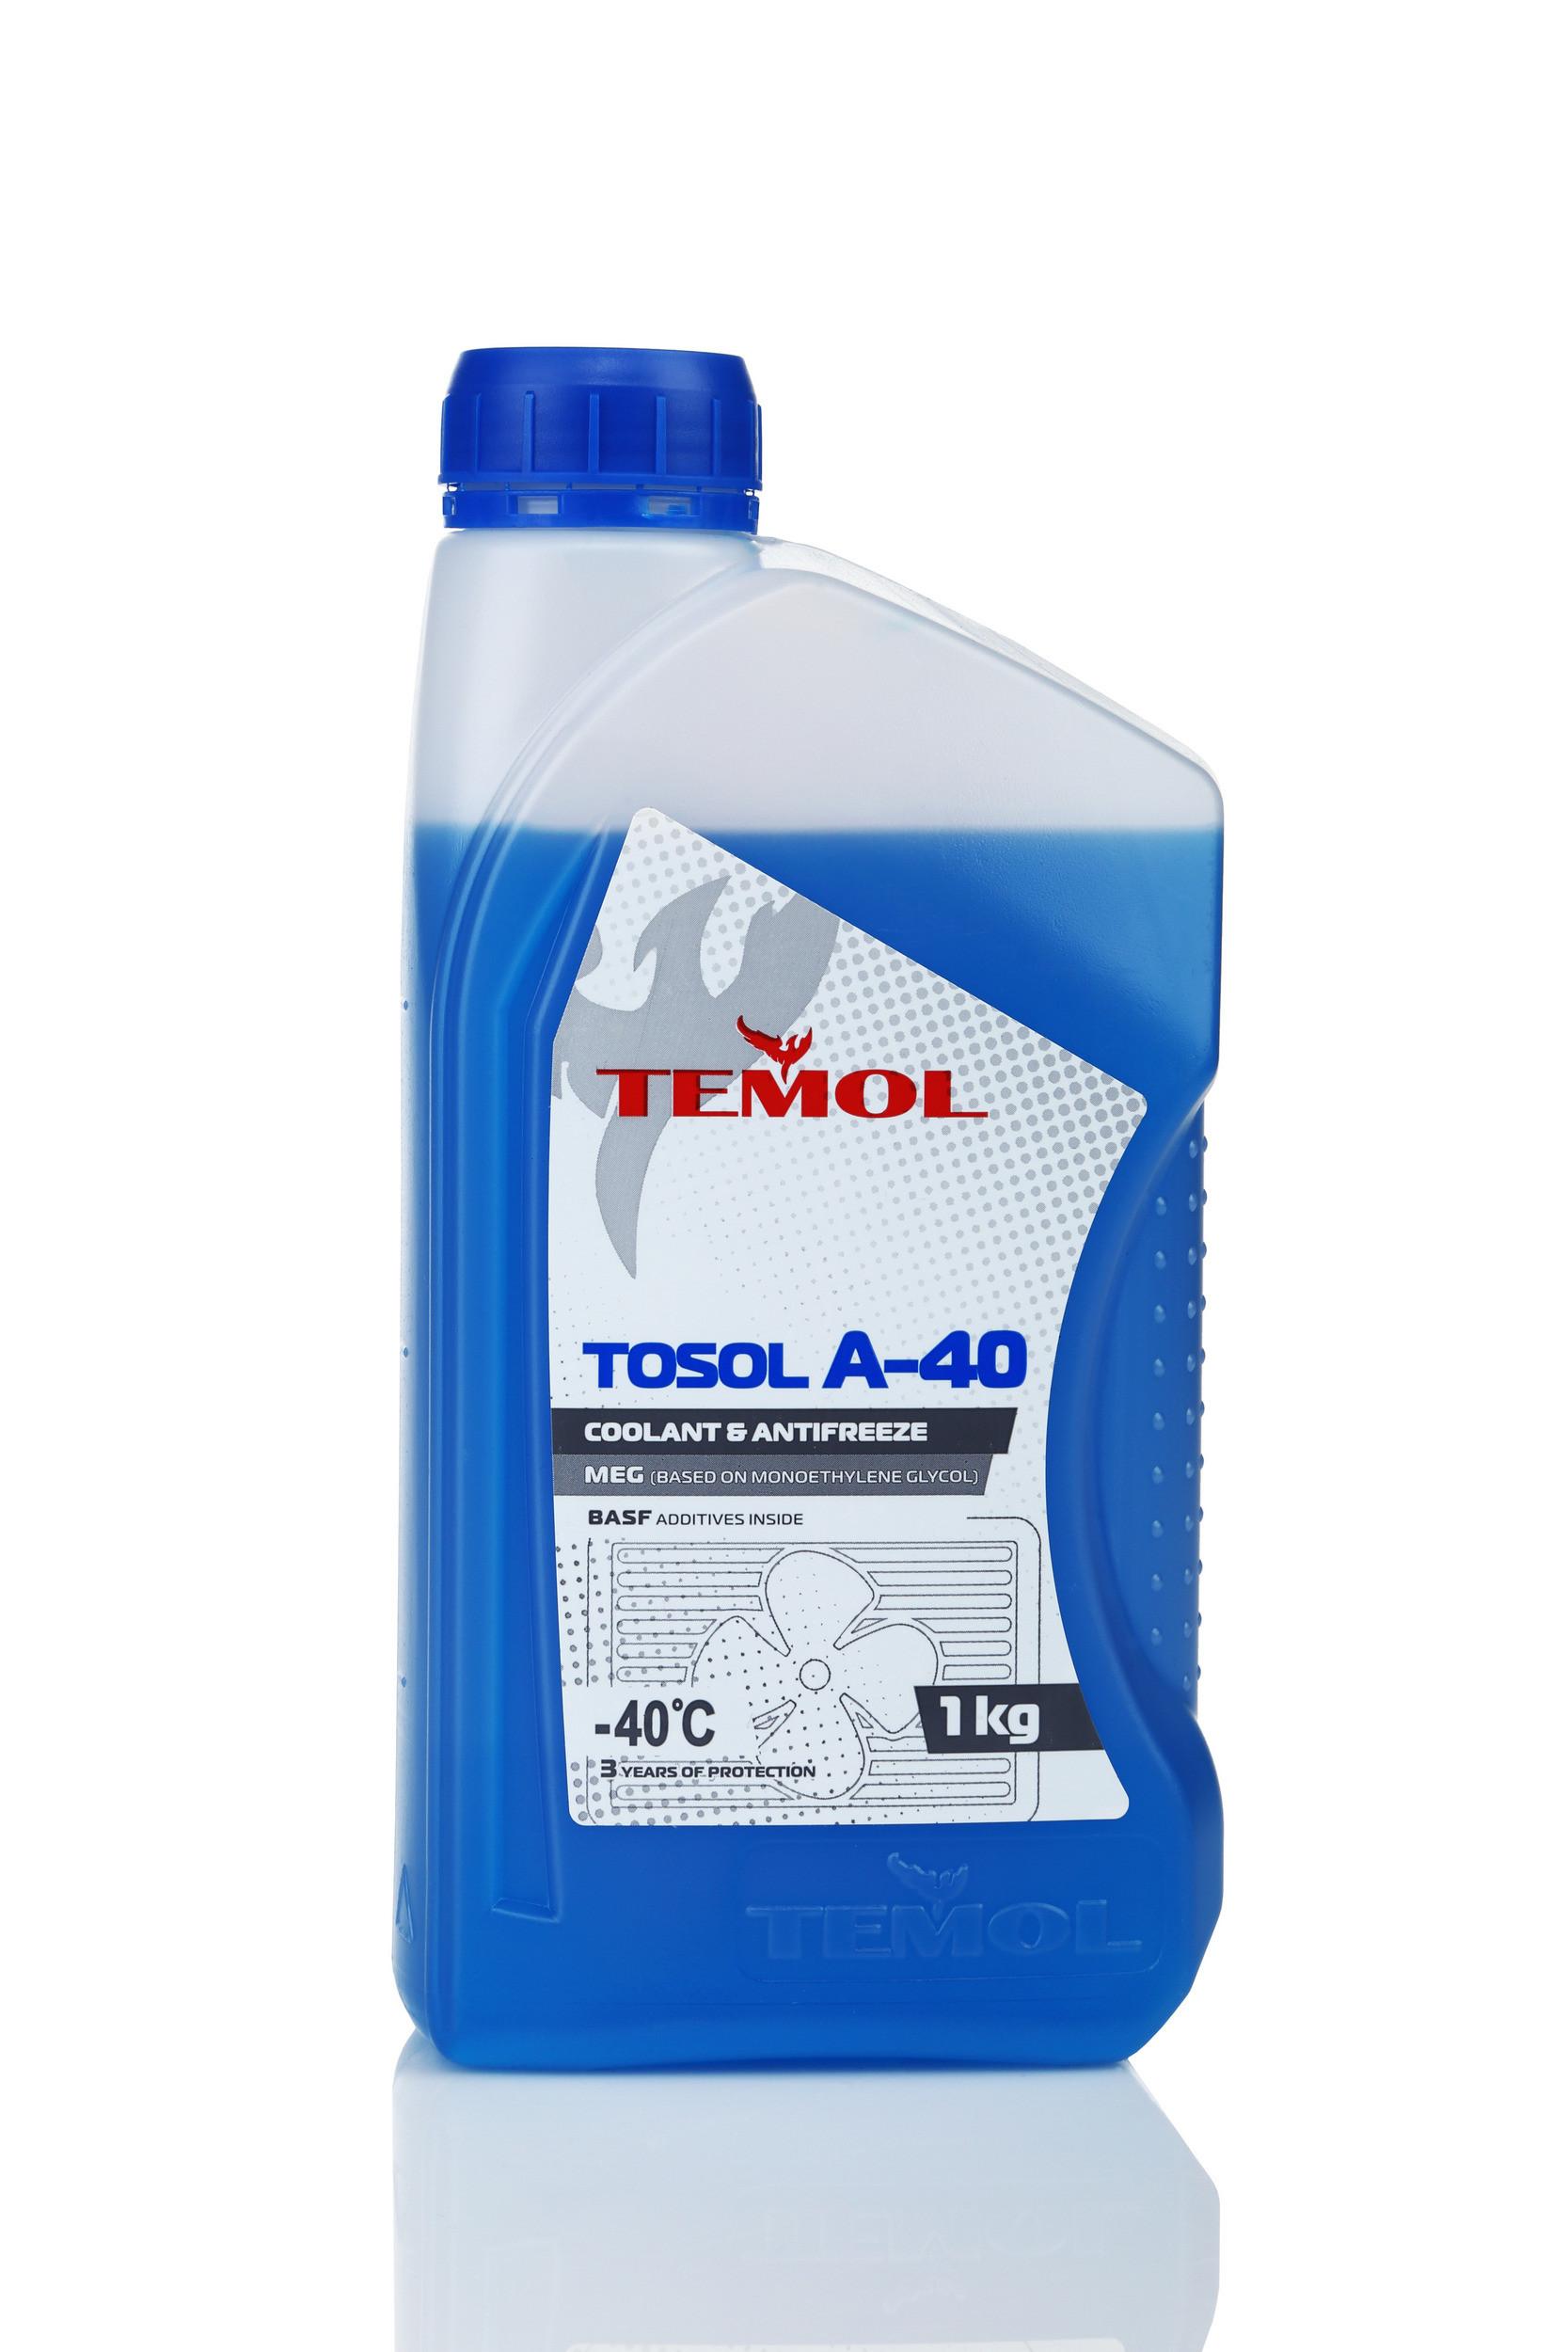 TEMOL TOSOL A-40 - 1L - Temol, официальный интернет-магазин